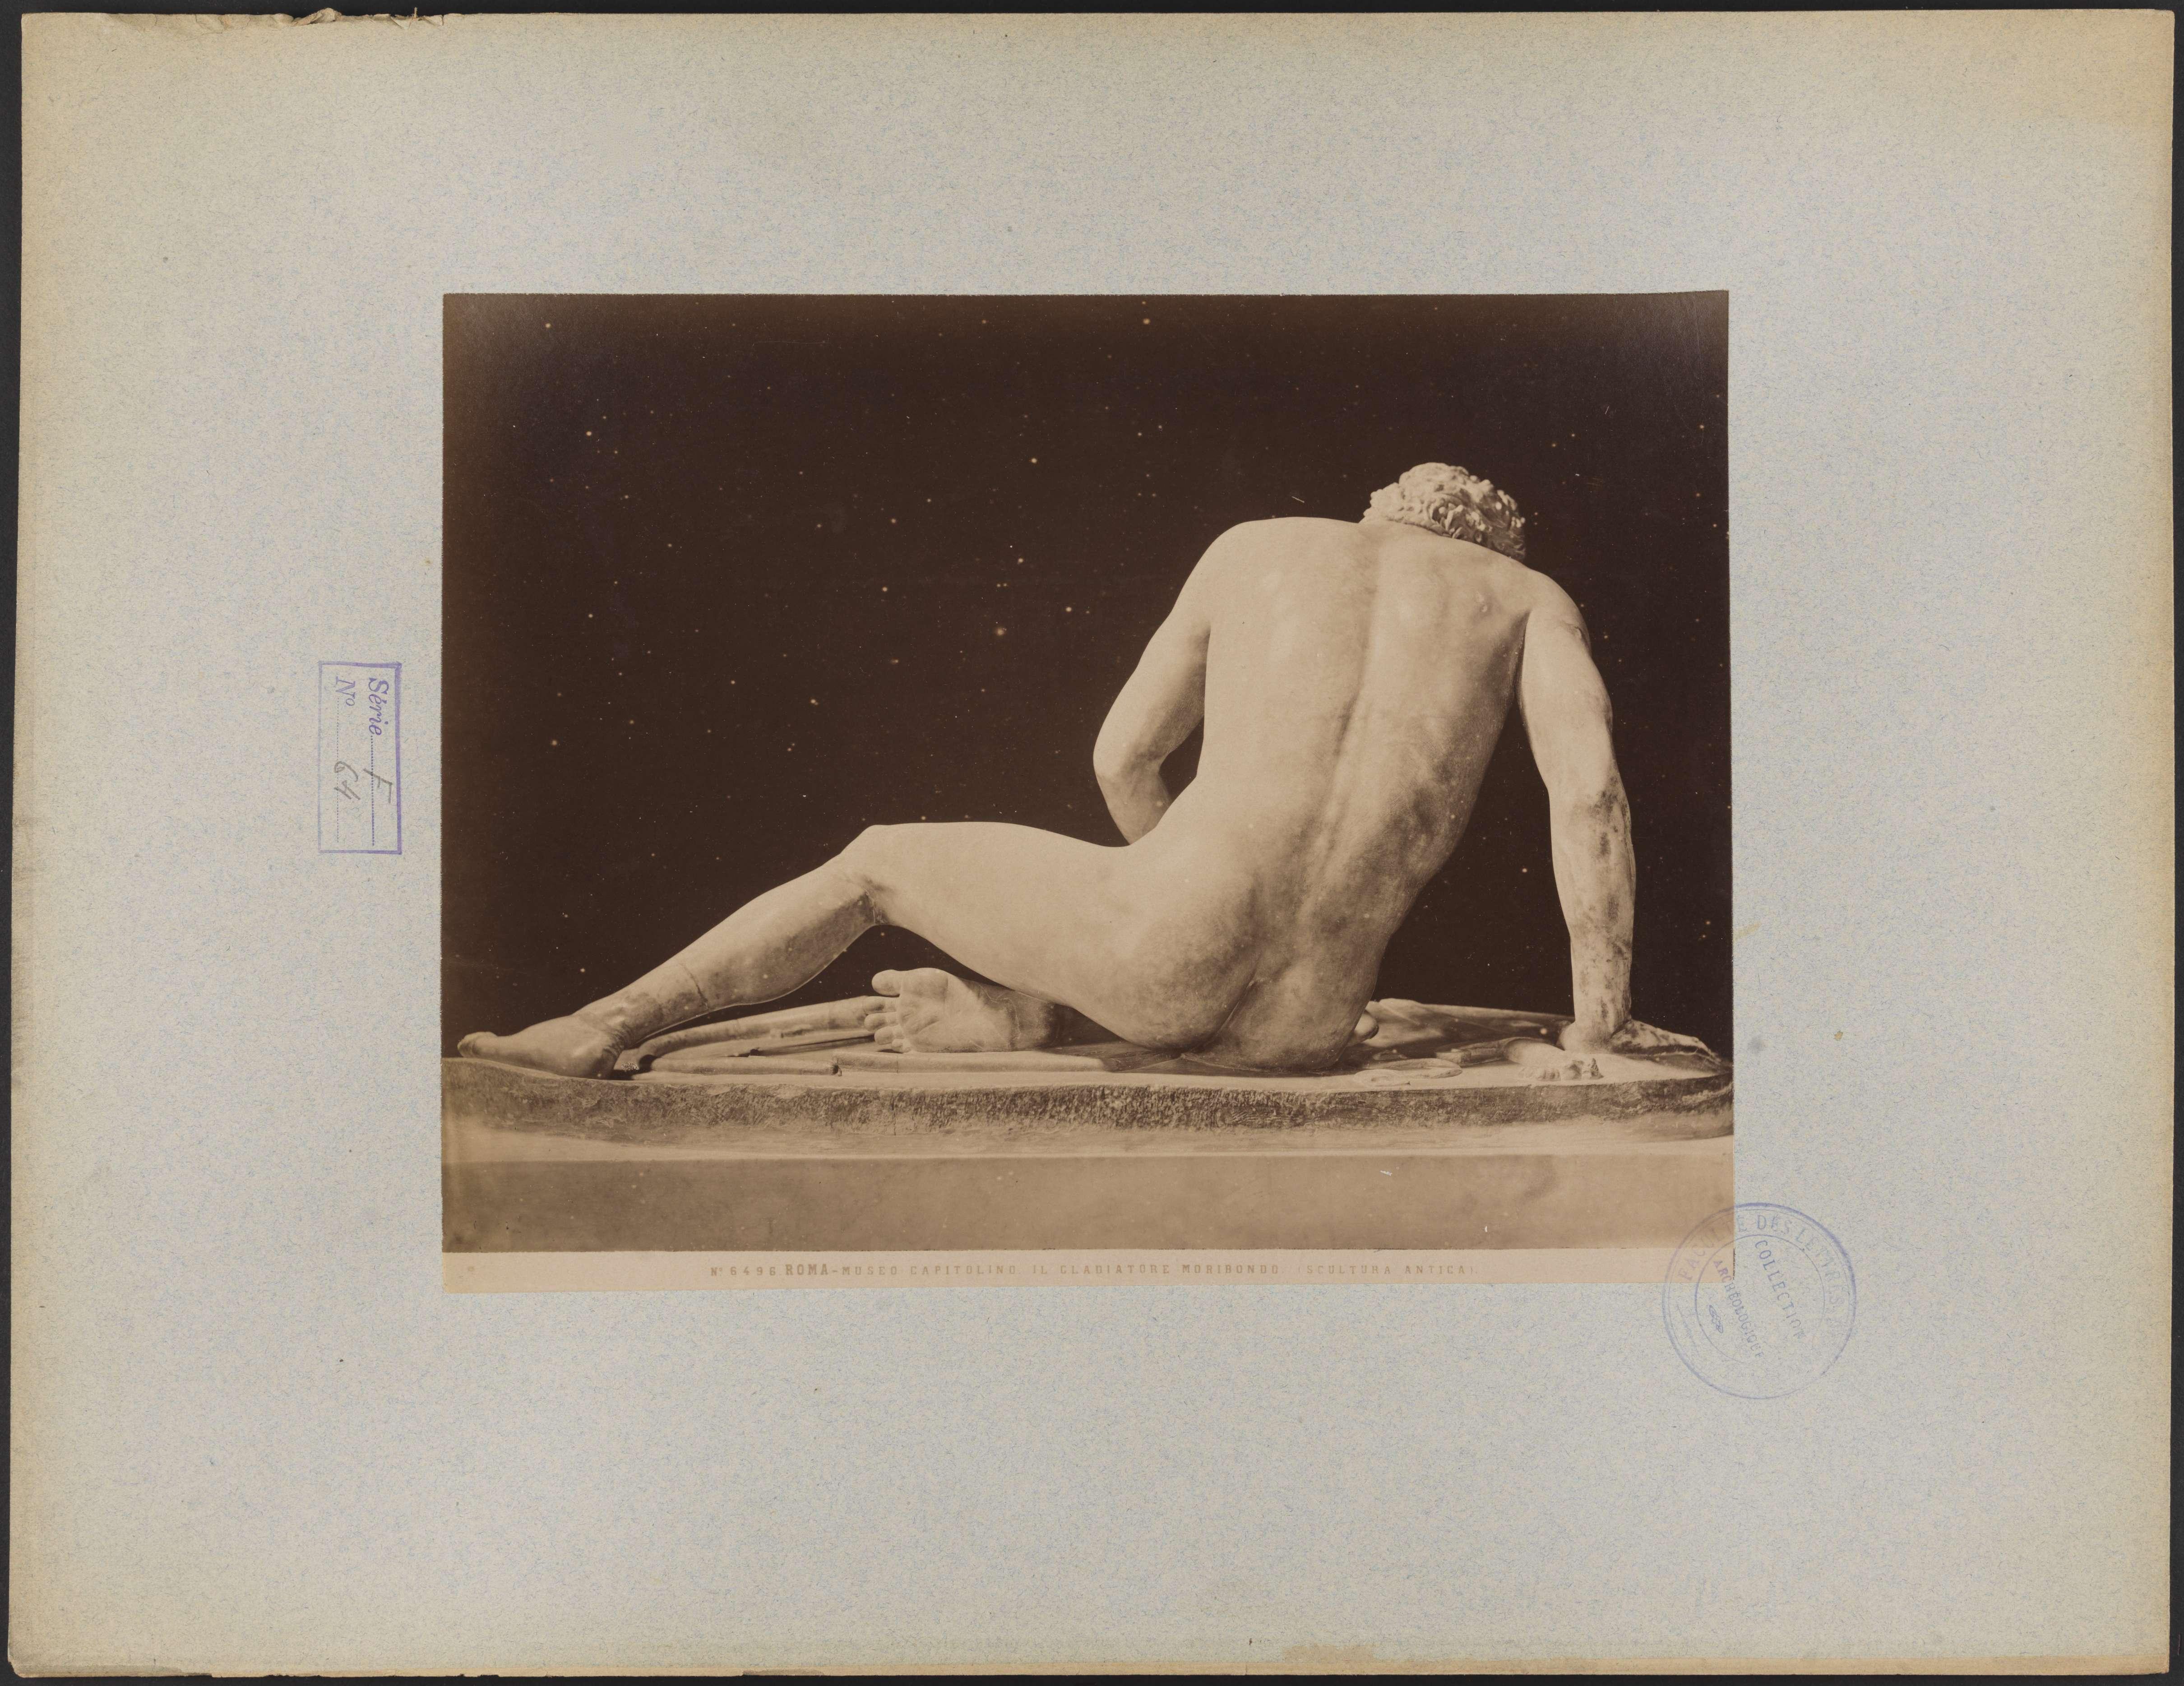 http://1886.u-bordeaux3.fr/items/show/7242